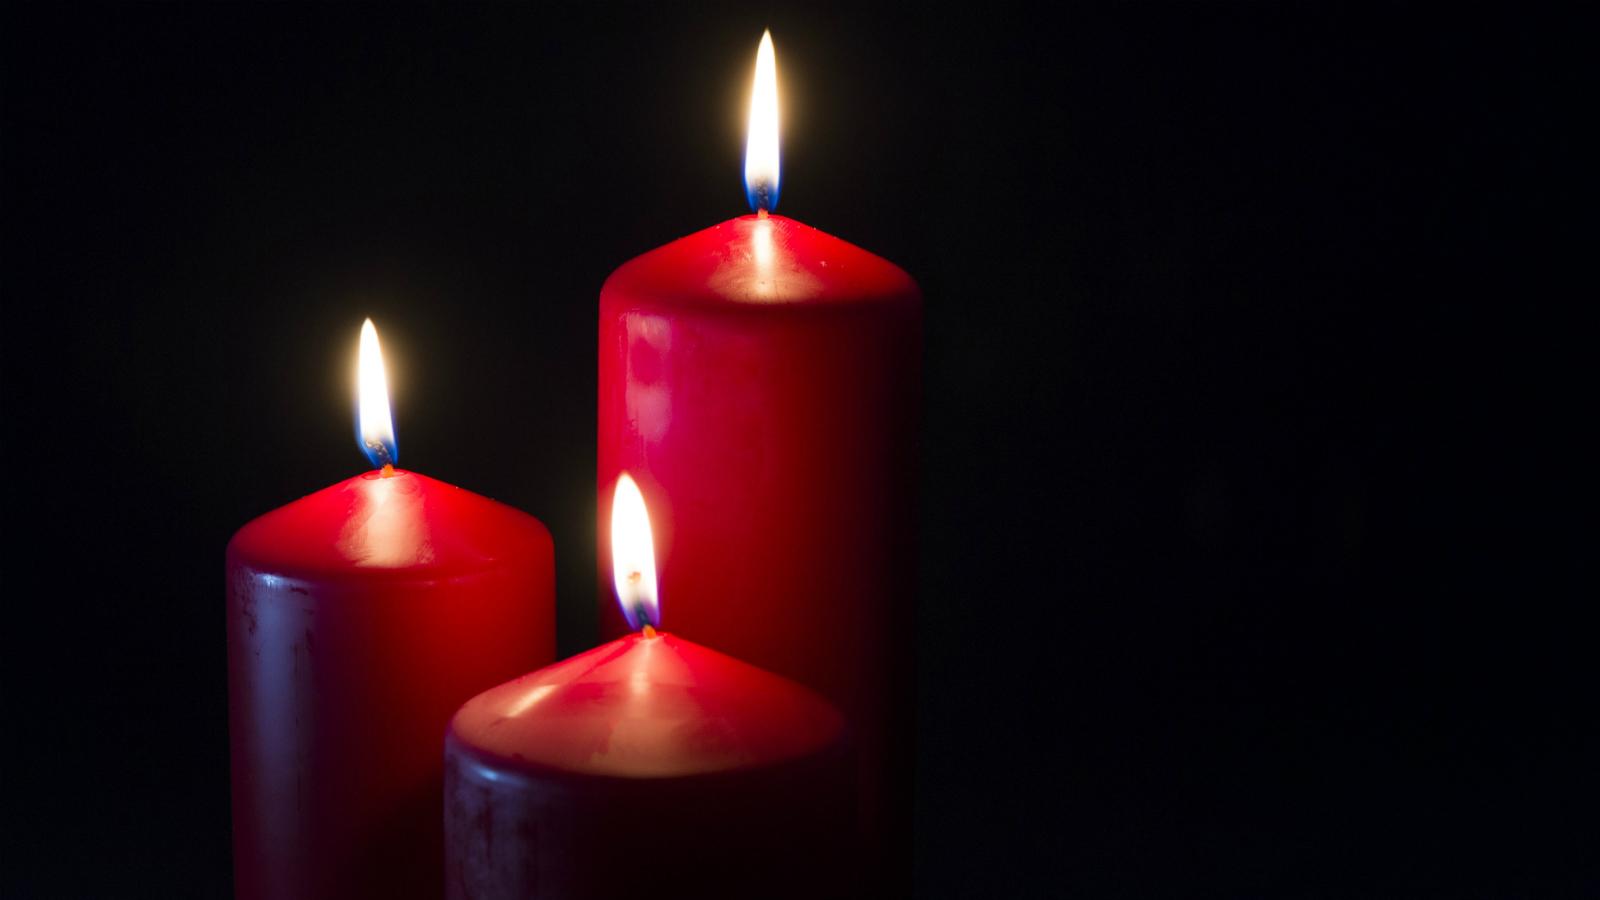 Kaarsen.jpg thump